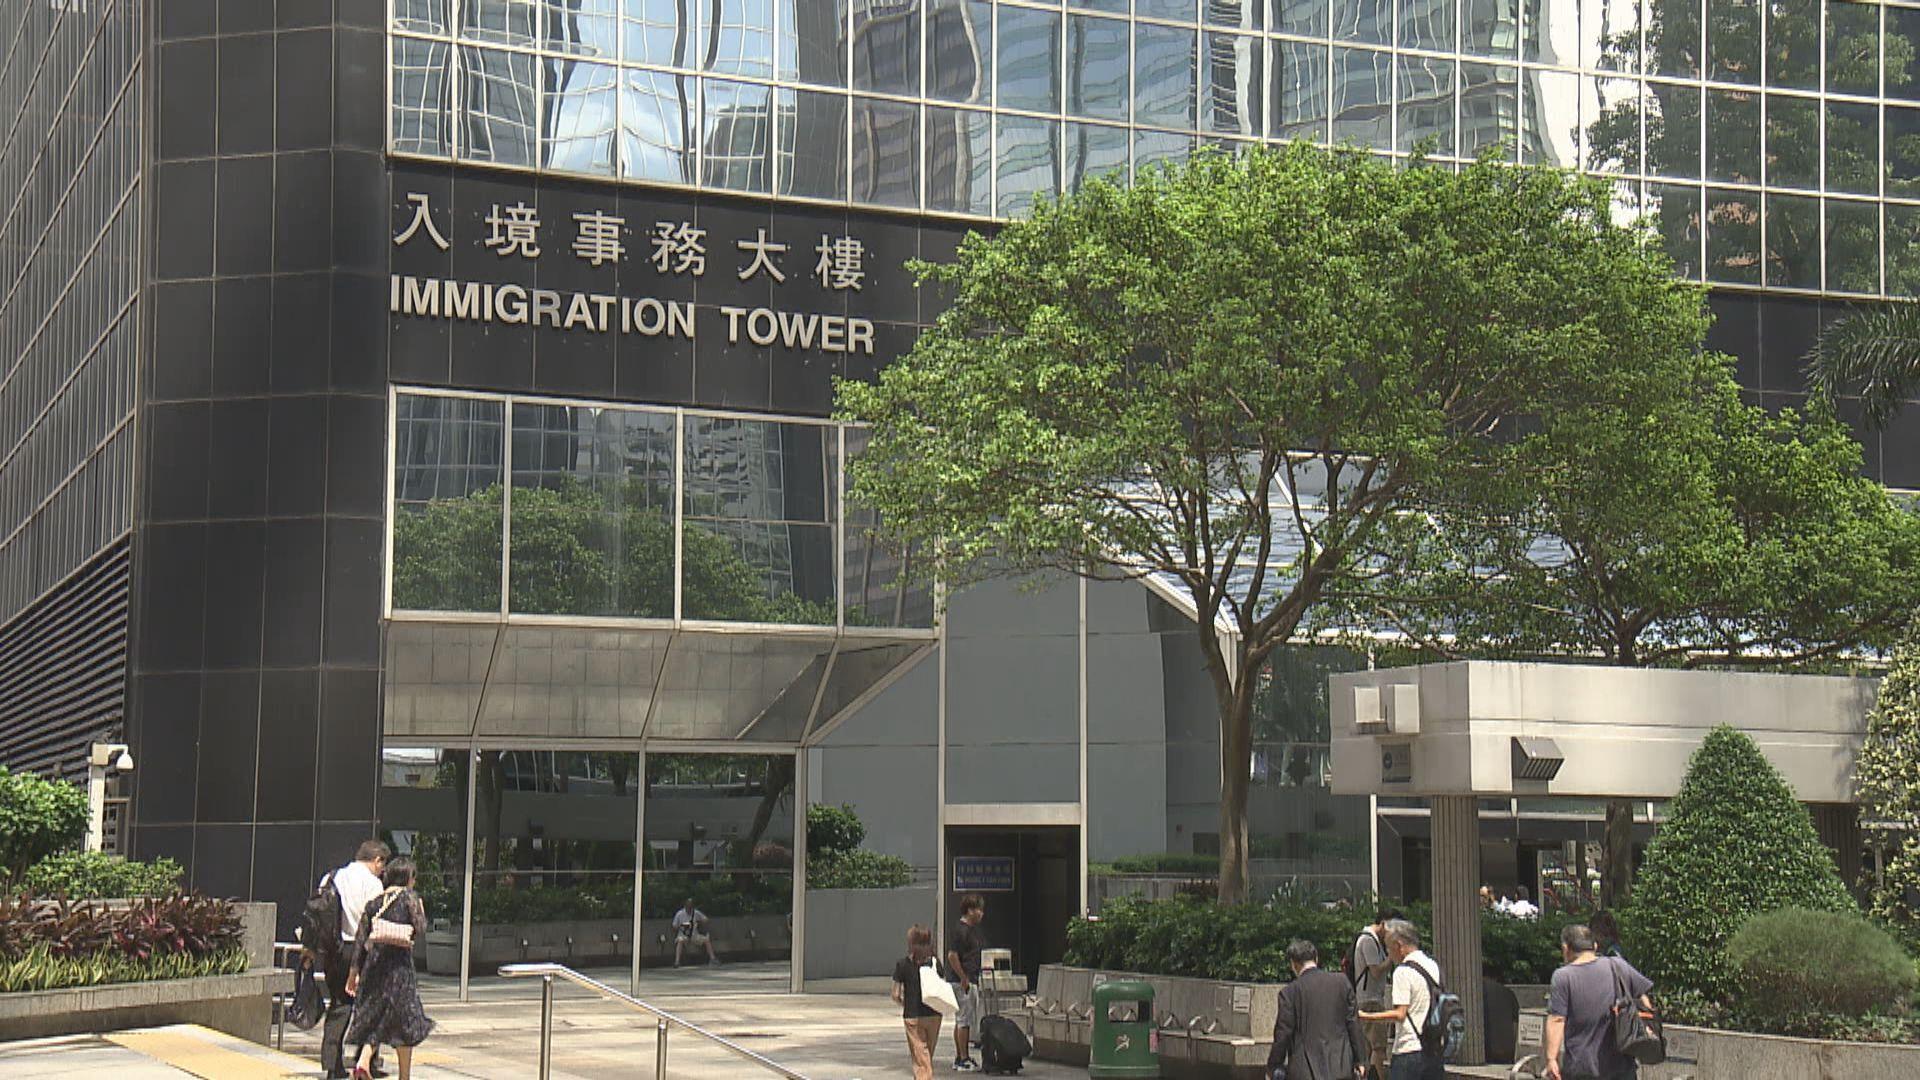 入境處:暫時確認墜機乘客名單有一名香港居民